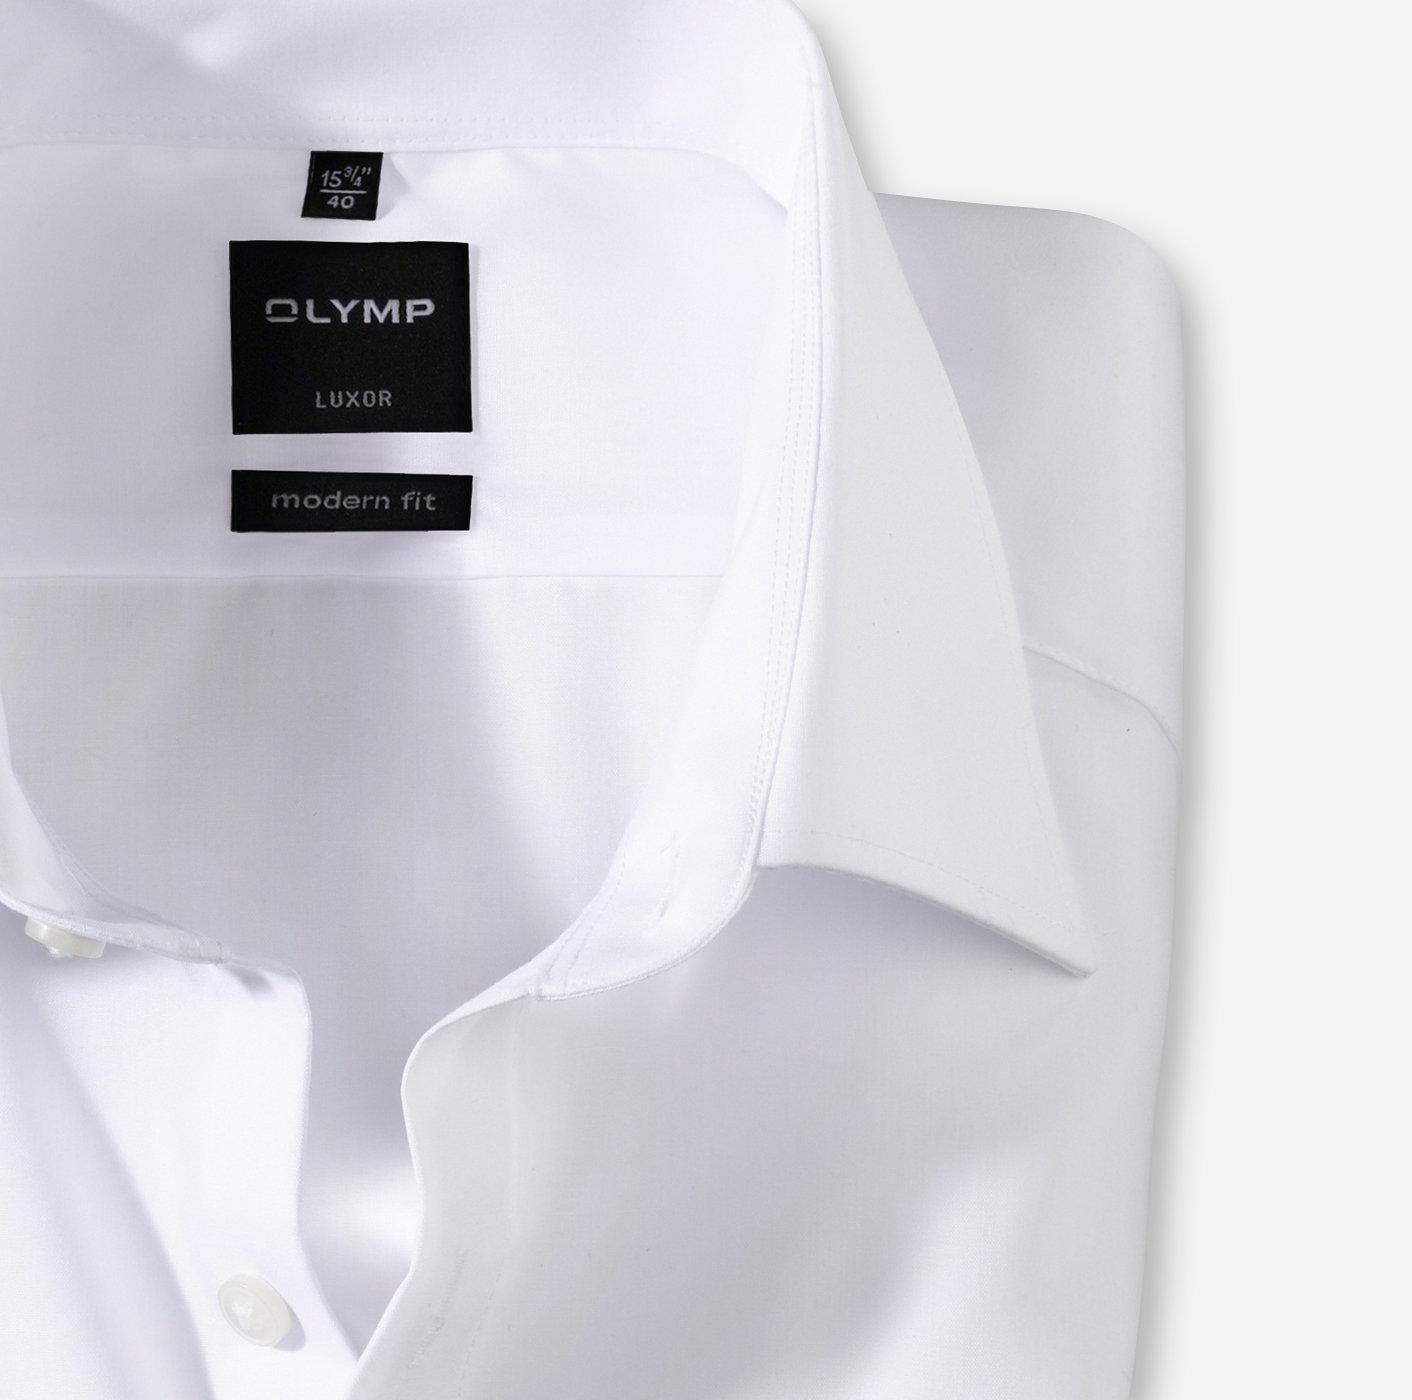 Oberhemd Luxor, 1/1 Arm, weiß, modern fit, Ärmellänge 69cm, E+H